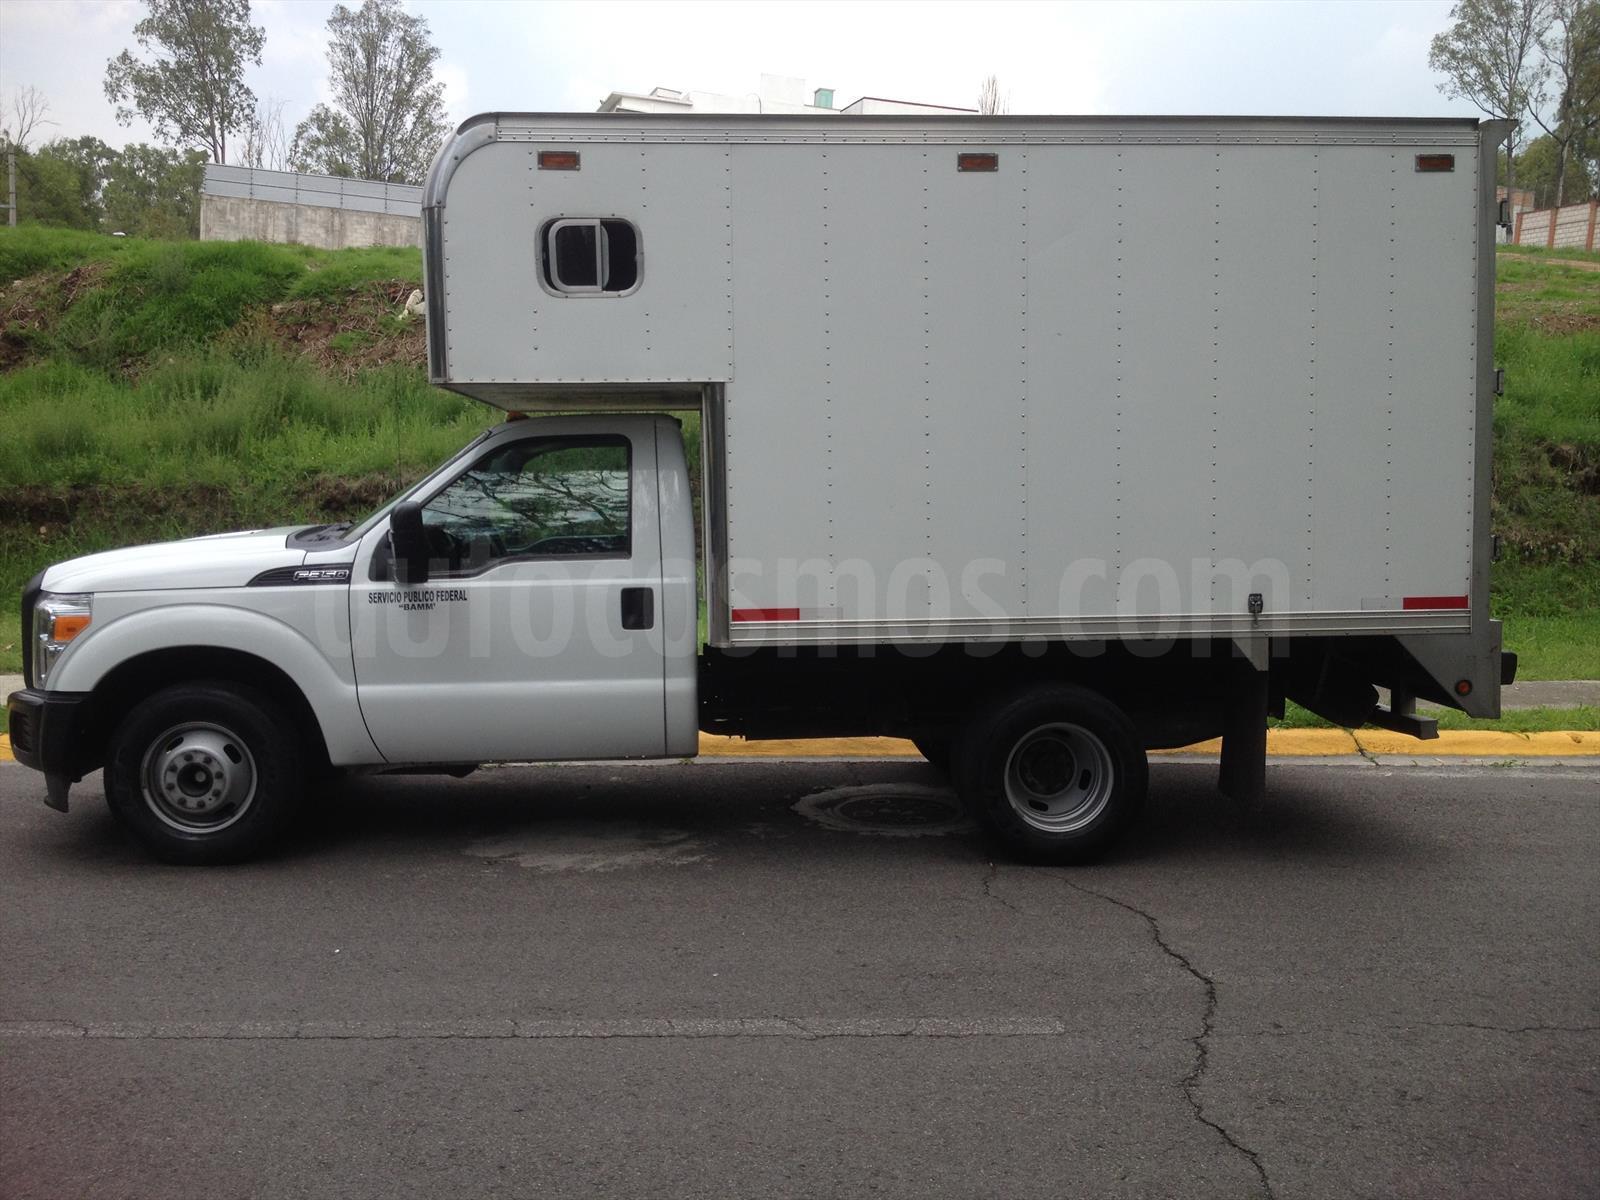 Venta autos usado - Estado de Mexico - Ford F-350 XL Plus 5.4L Super Duty